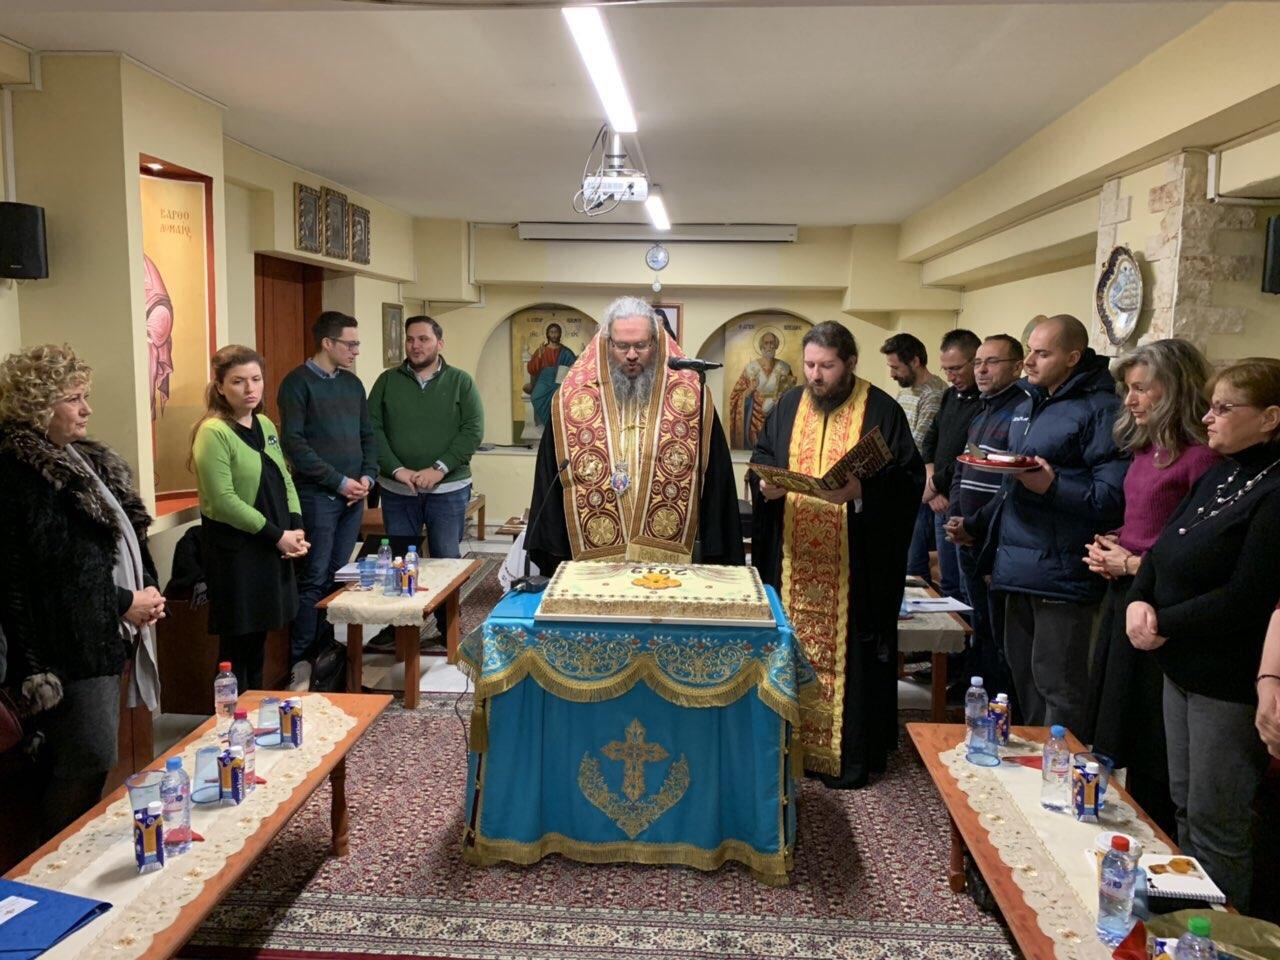 Τη Βασιλόπιτα του Φροντιστηρίου Κατηχητών ευλόγησε ο Μητροπολίτης Λαρίσης Ιερώνυμος